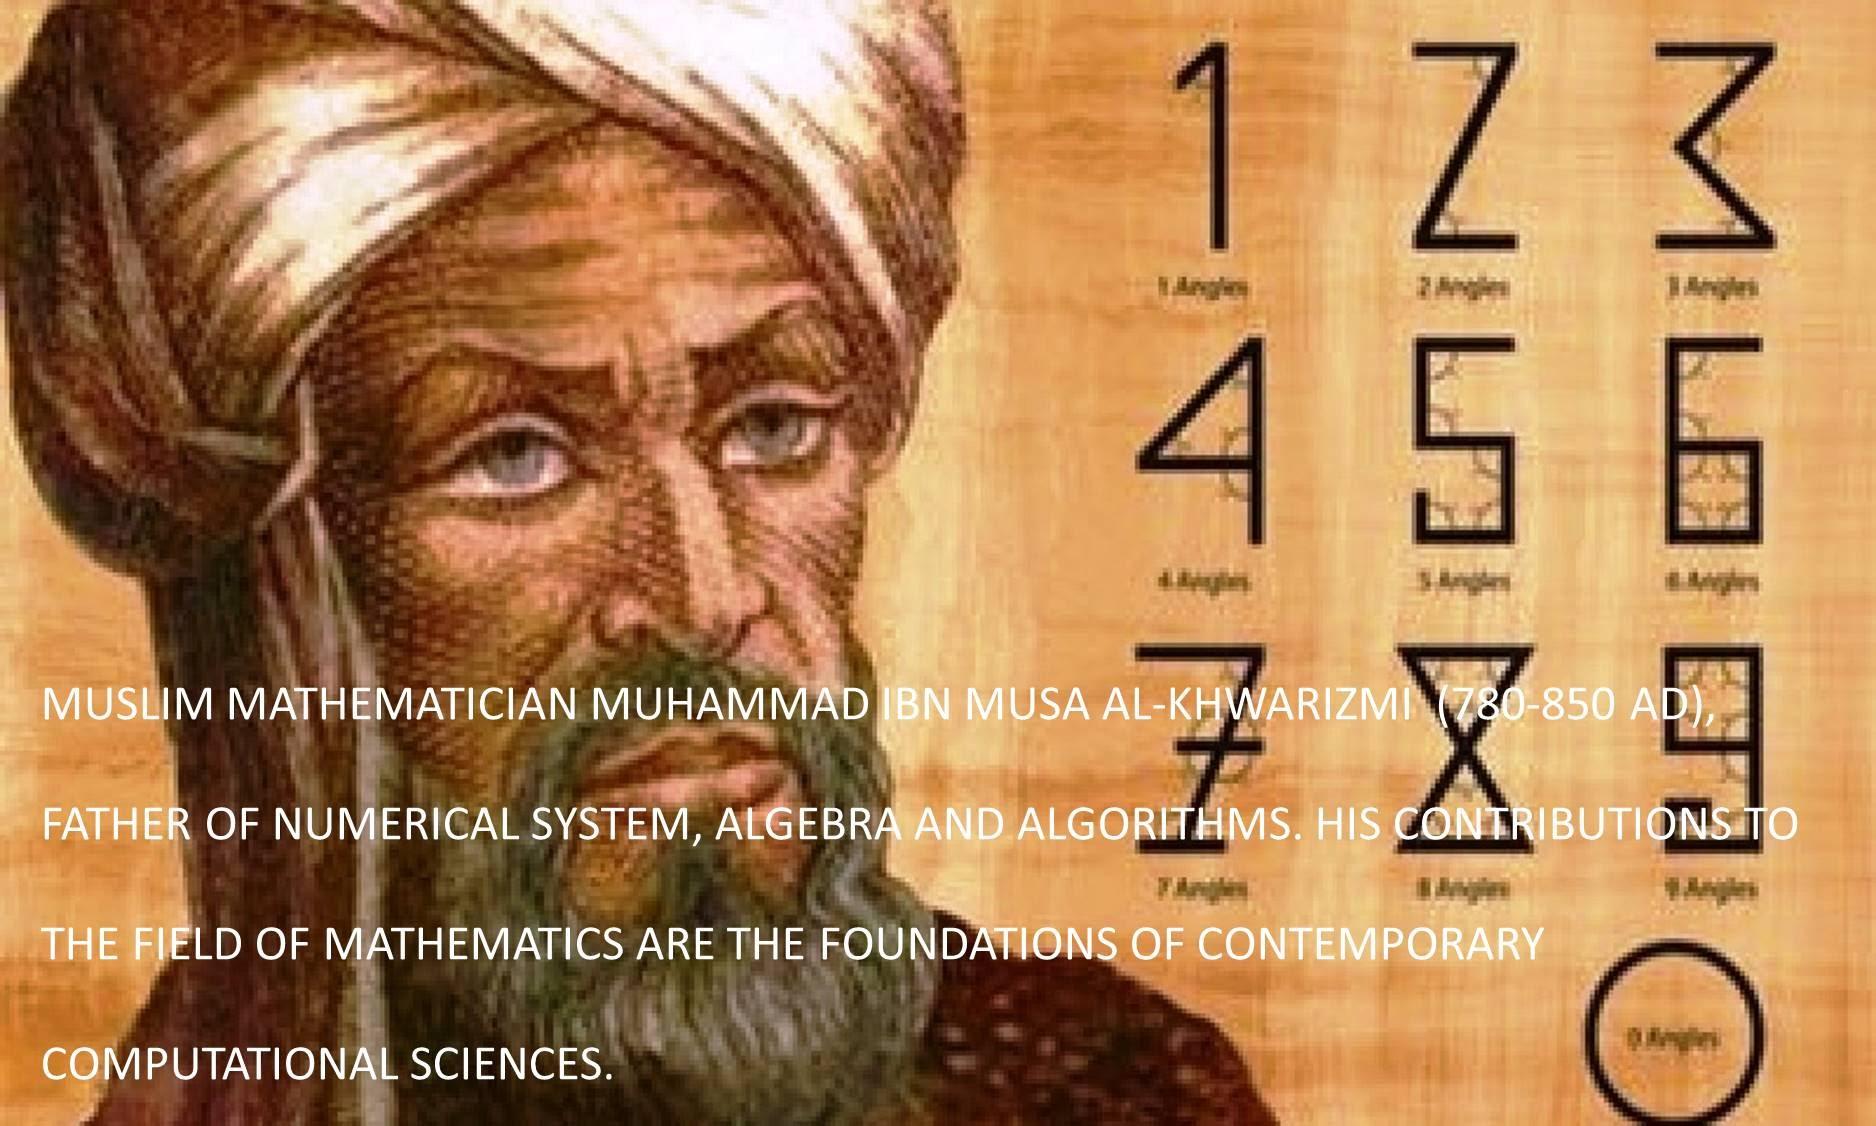 https://historyofislam.com/contents/the-classical-period/al-khwarizmi/